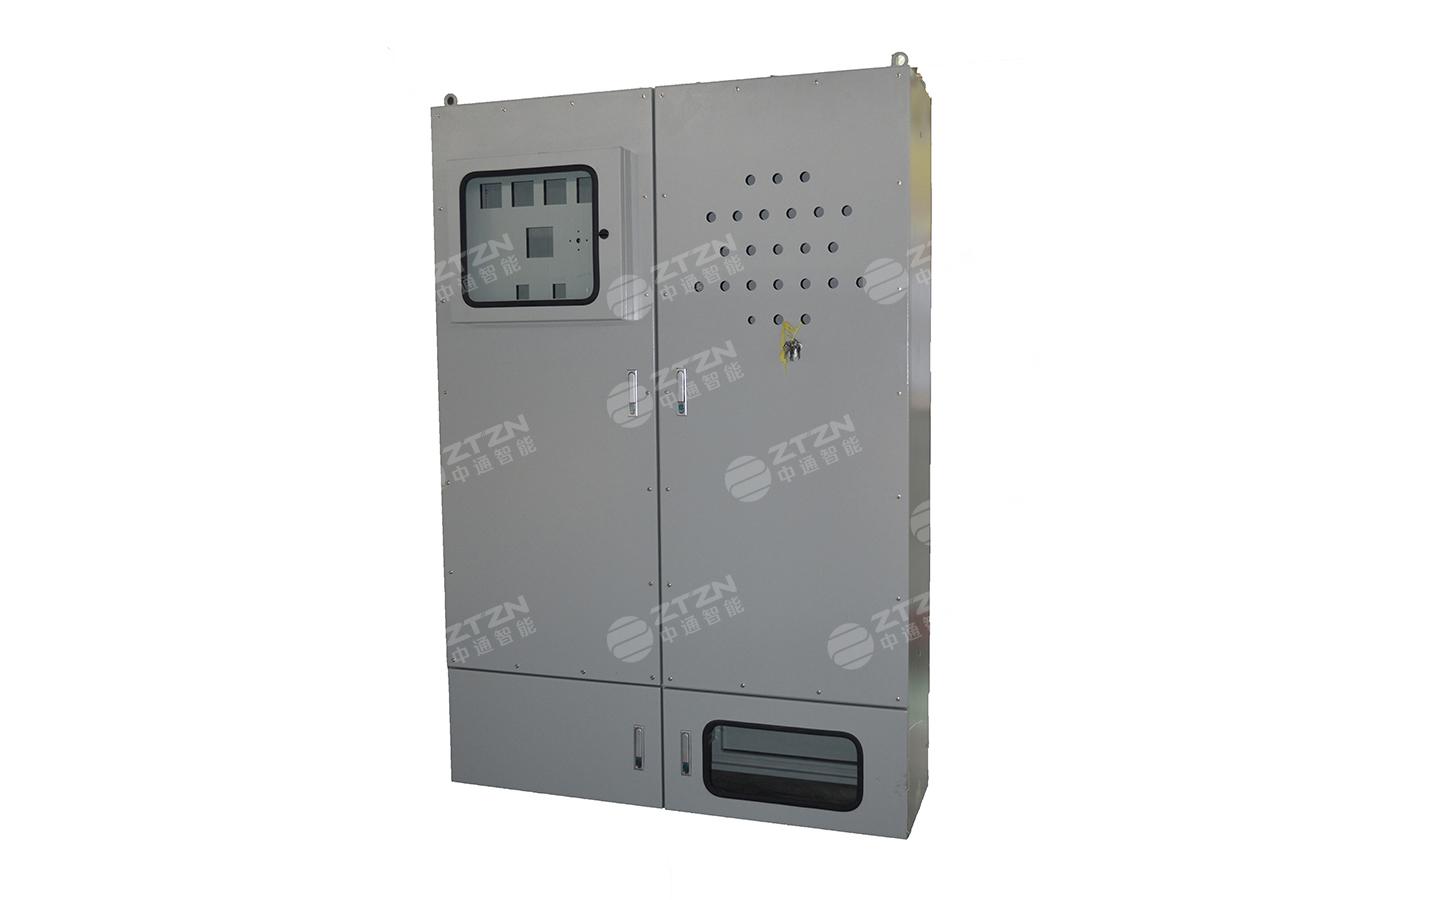 PXK系列正压型防爆配电柜,PXK系列正压型防爆配电柜价格,PXK系列正压型防爆配电柜厂家